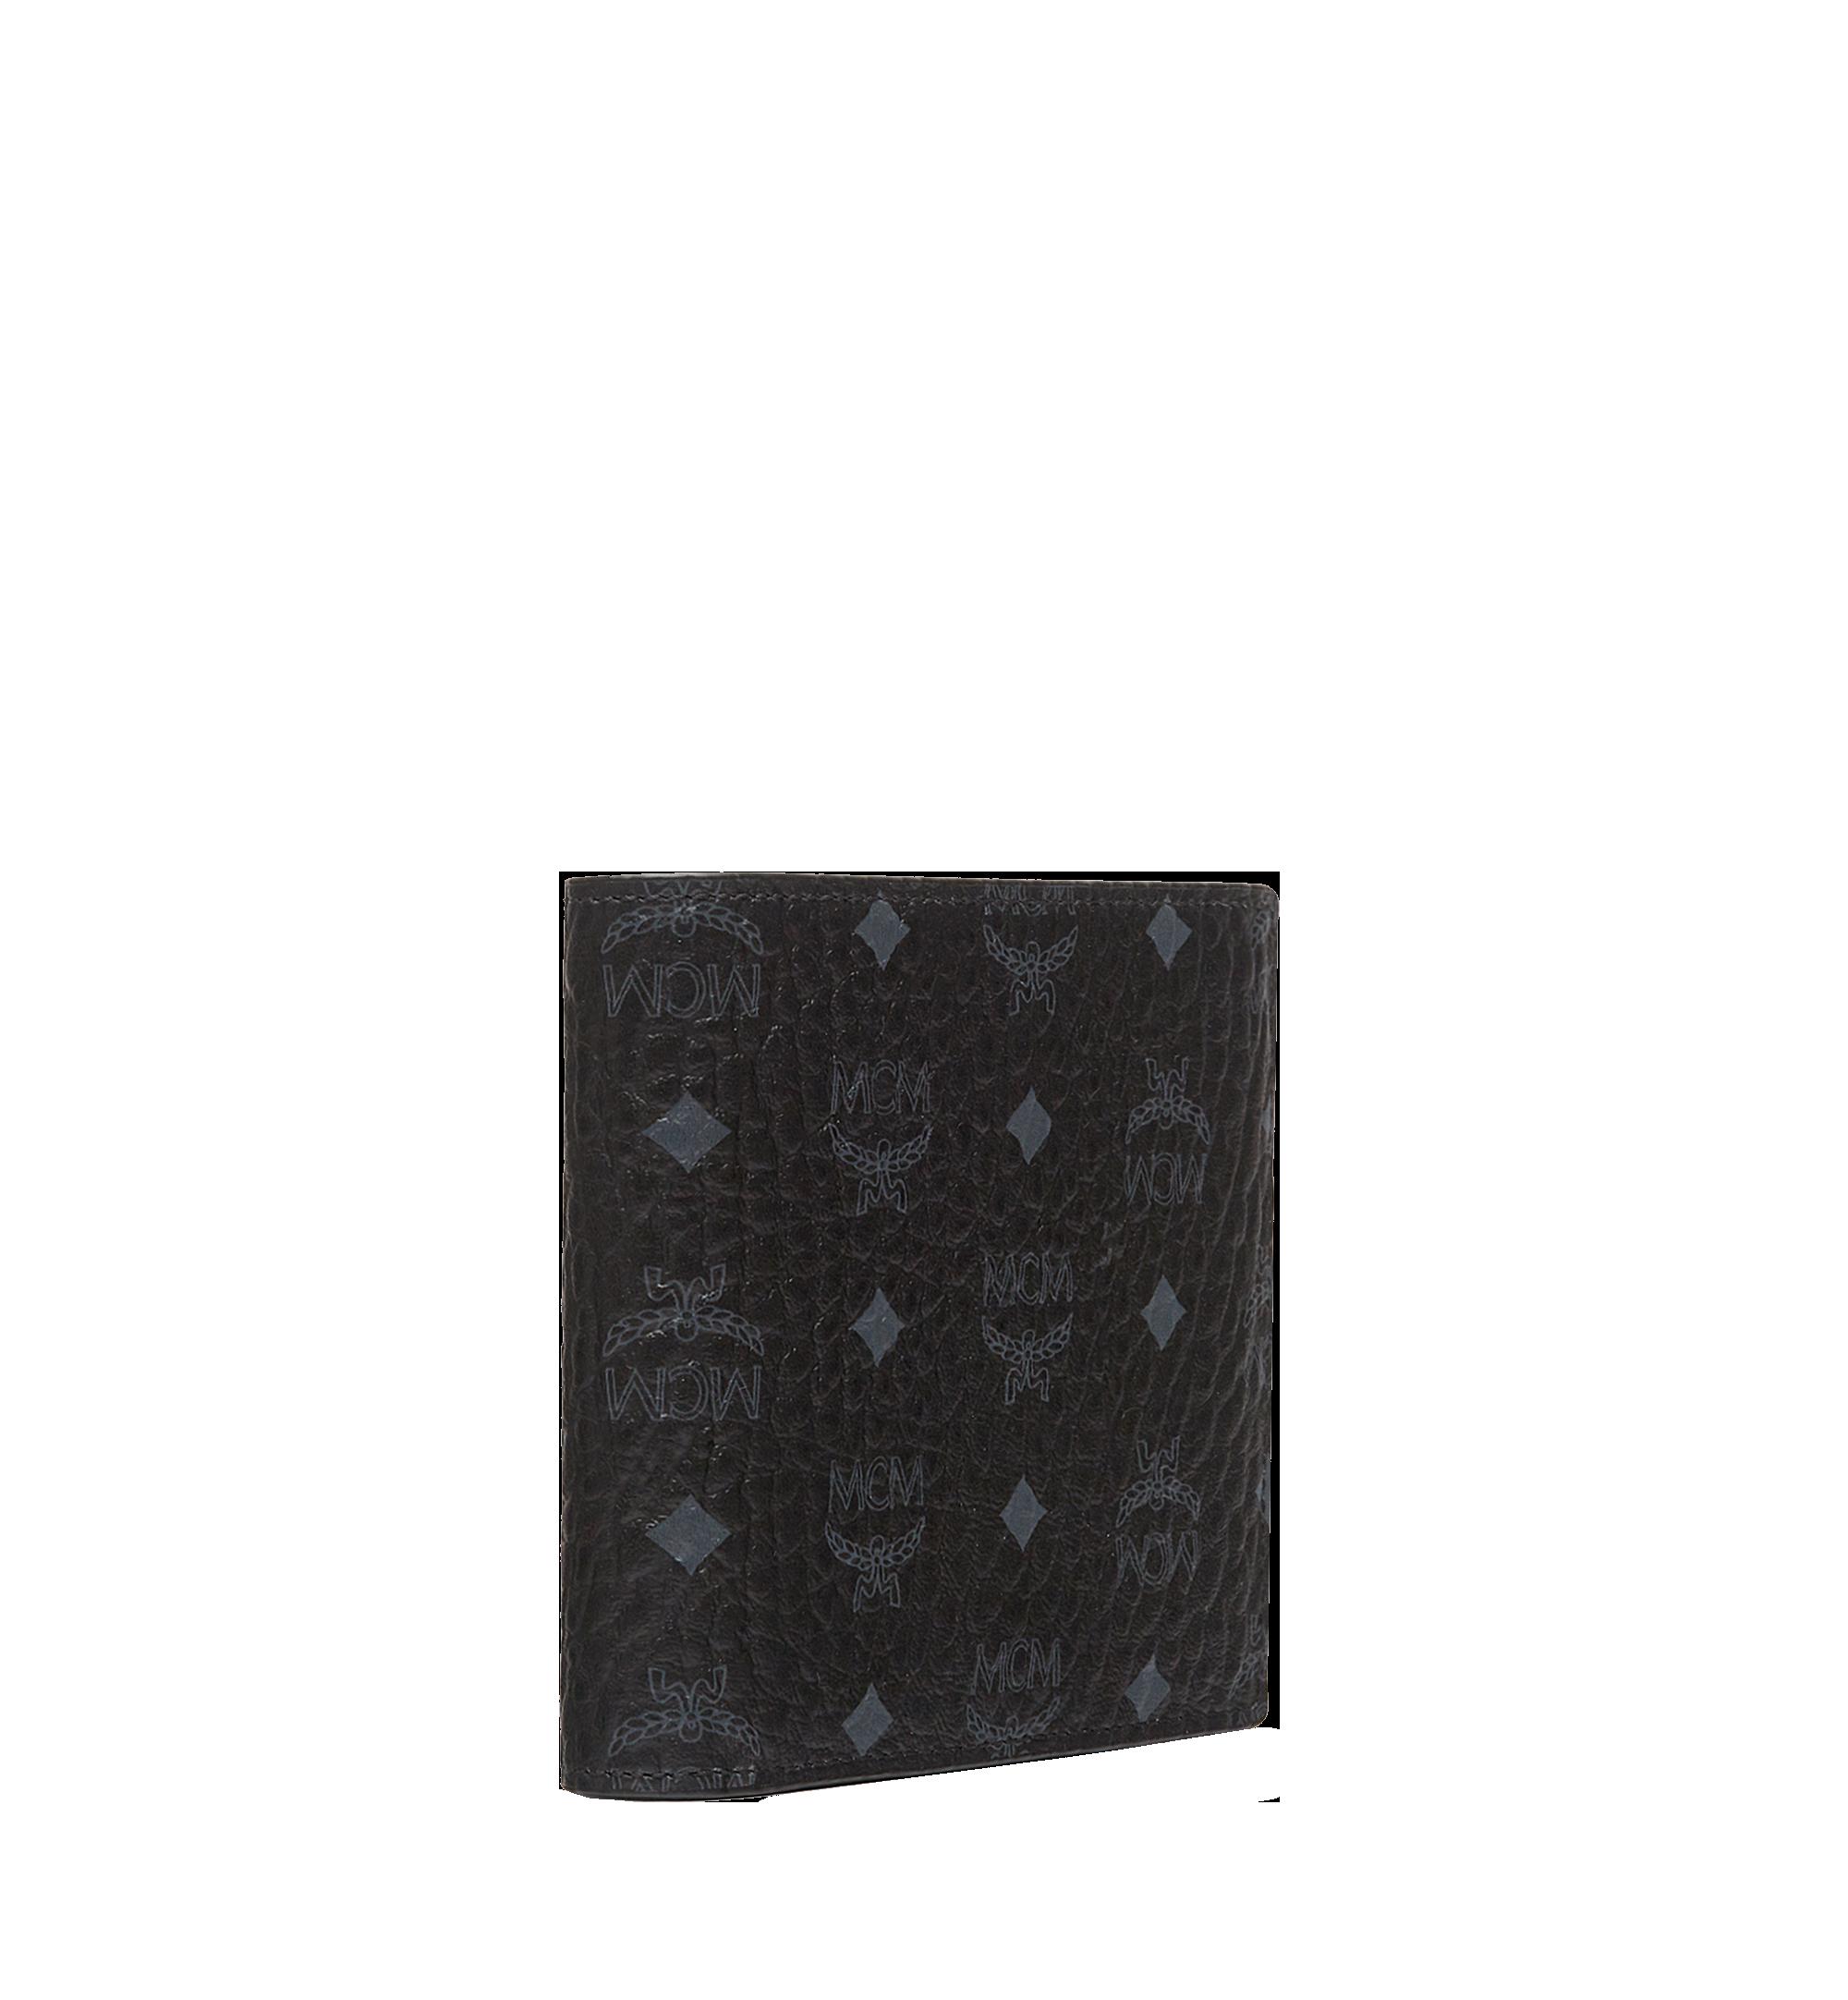 MCM Original gefaltete Brieftasche in Visetos Black MXS8SVI66BK001 Alternate View 2